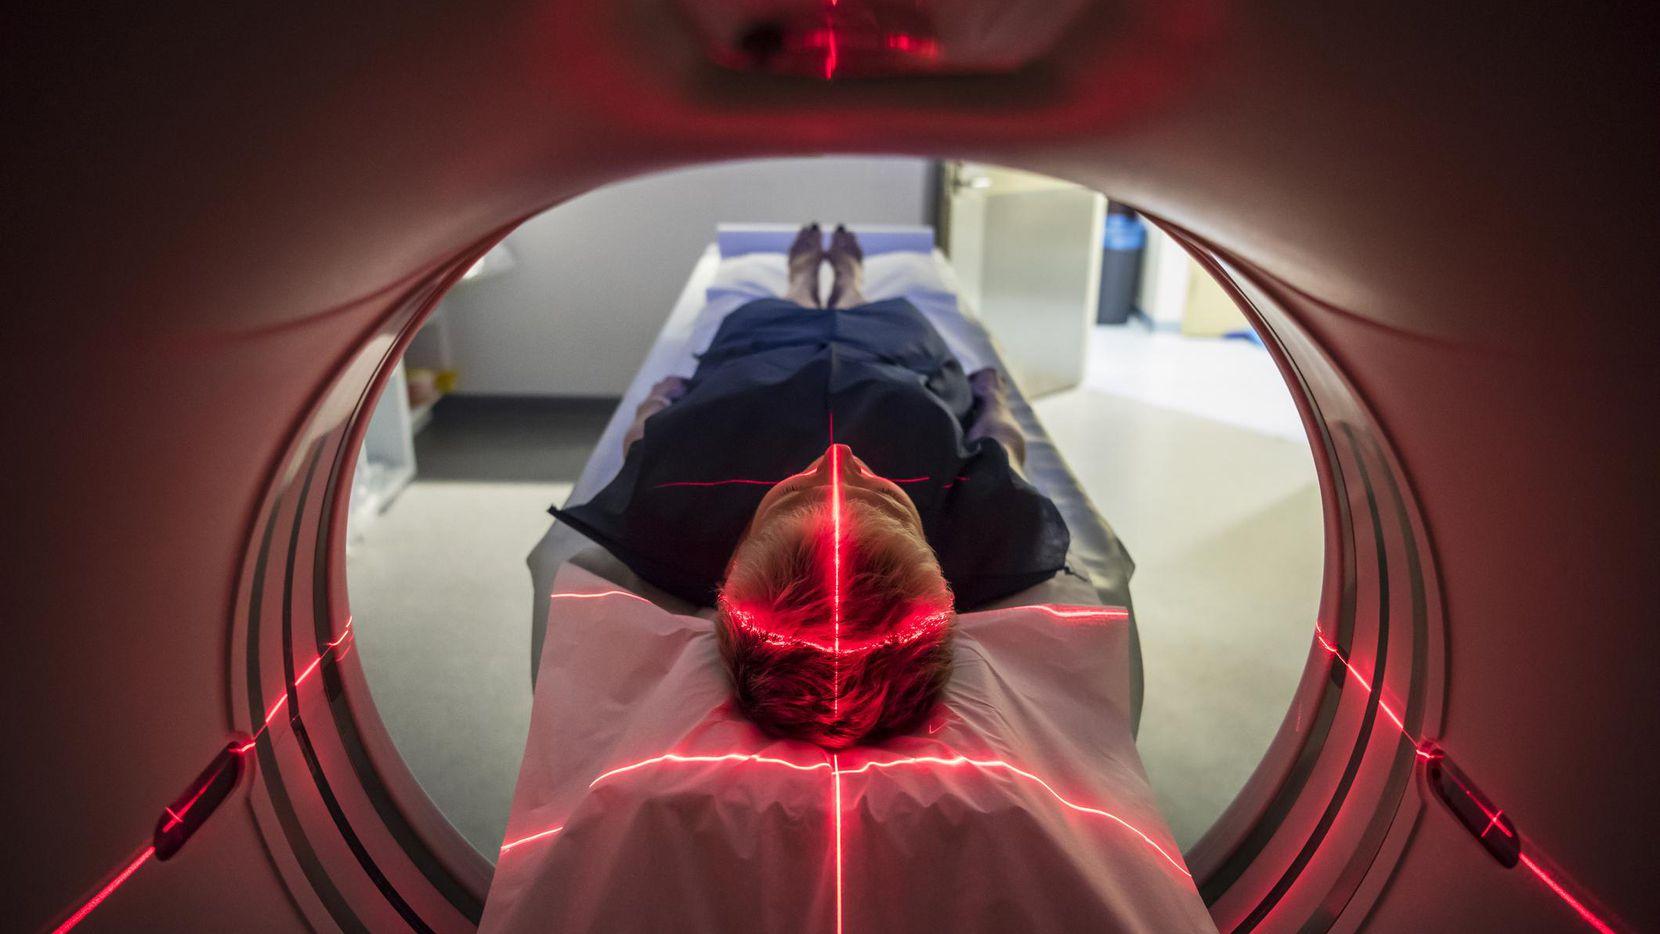 Una tomografía sirve para identificar un posible infarto cerebral. (GETTY IMAGES/iSTOCK)